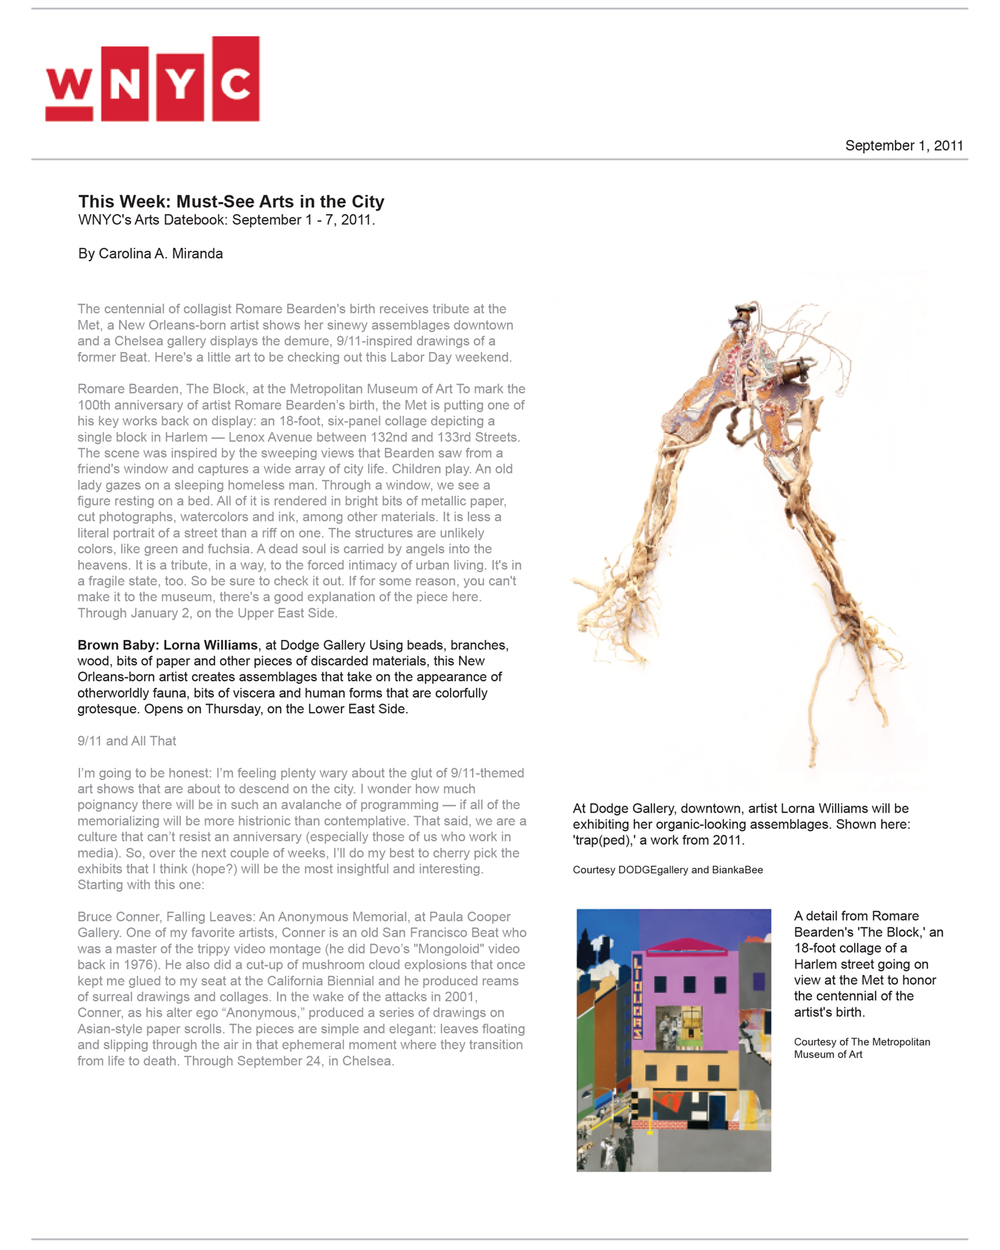 WNYC_September 2011.jpg